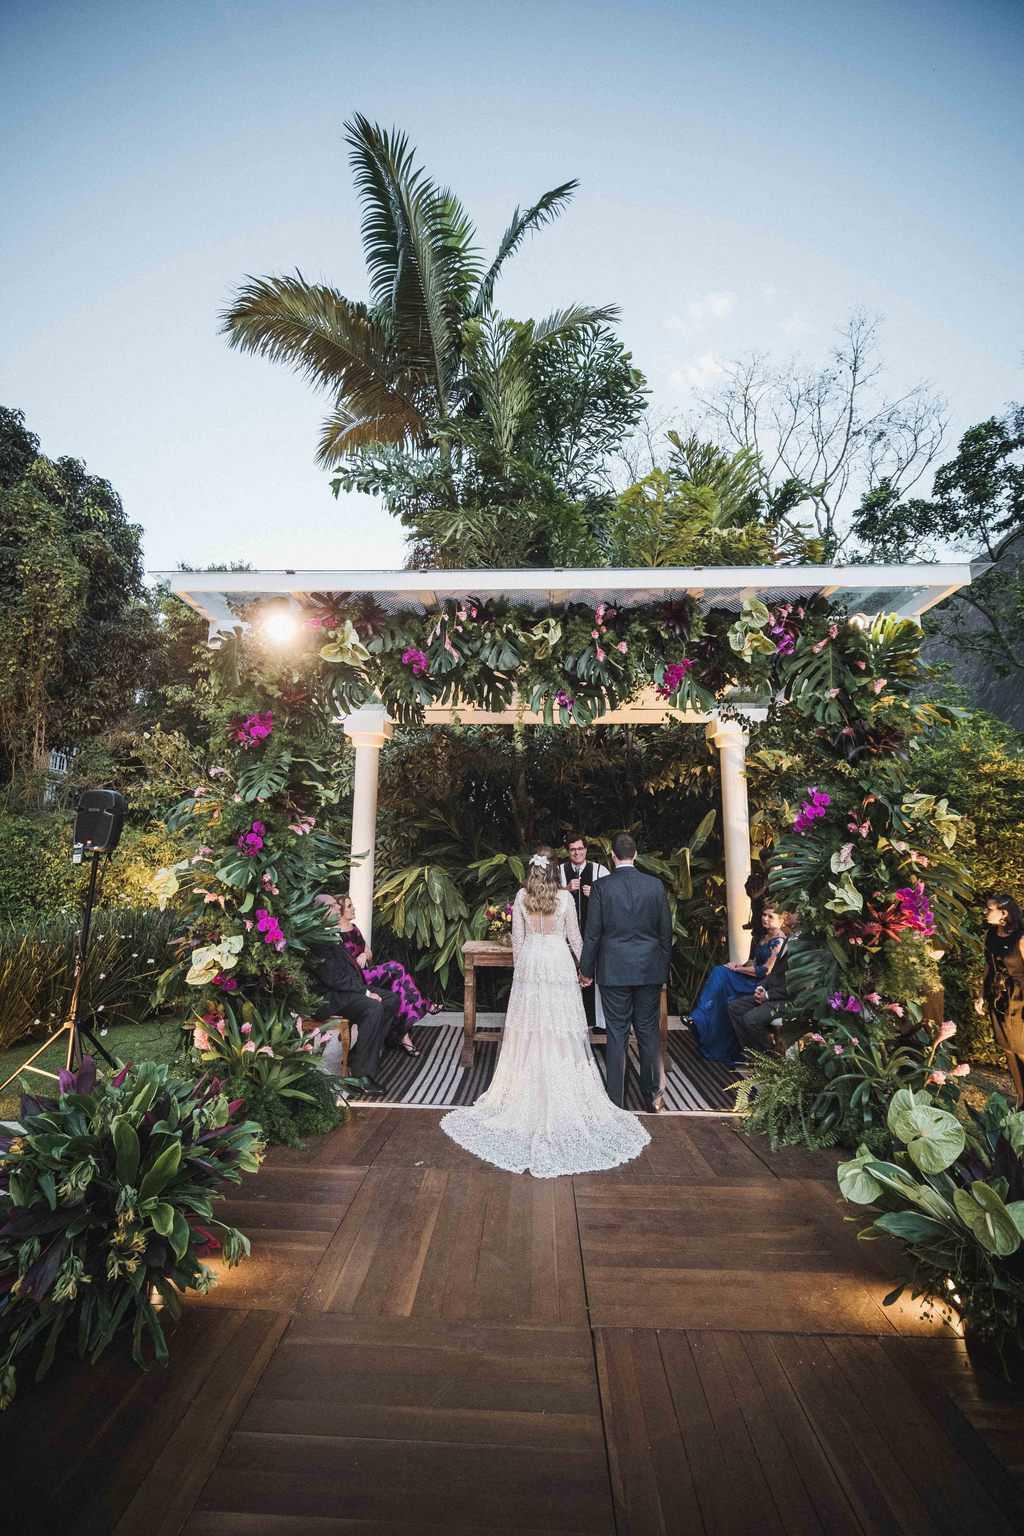 casamento-na-serra-cerimonia-ao-ar-livre-Fotografia-Renata-Xavier-Les-Amies-Cerimonial-Locanda-Della-Mimosa-Natalia-e-Bruno-noivos-no-altar399